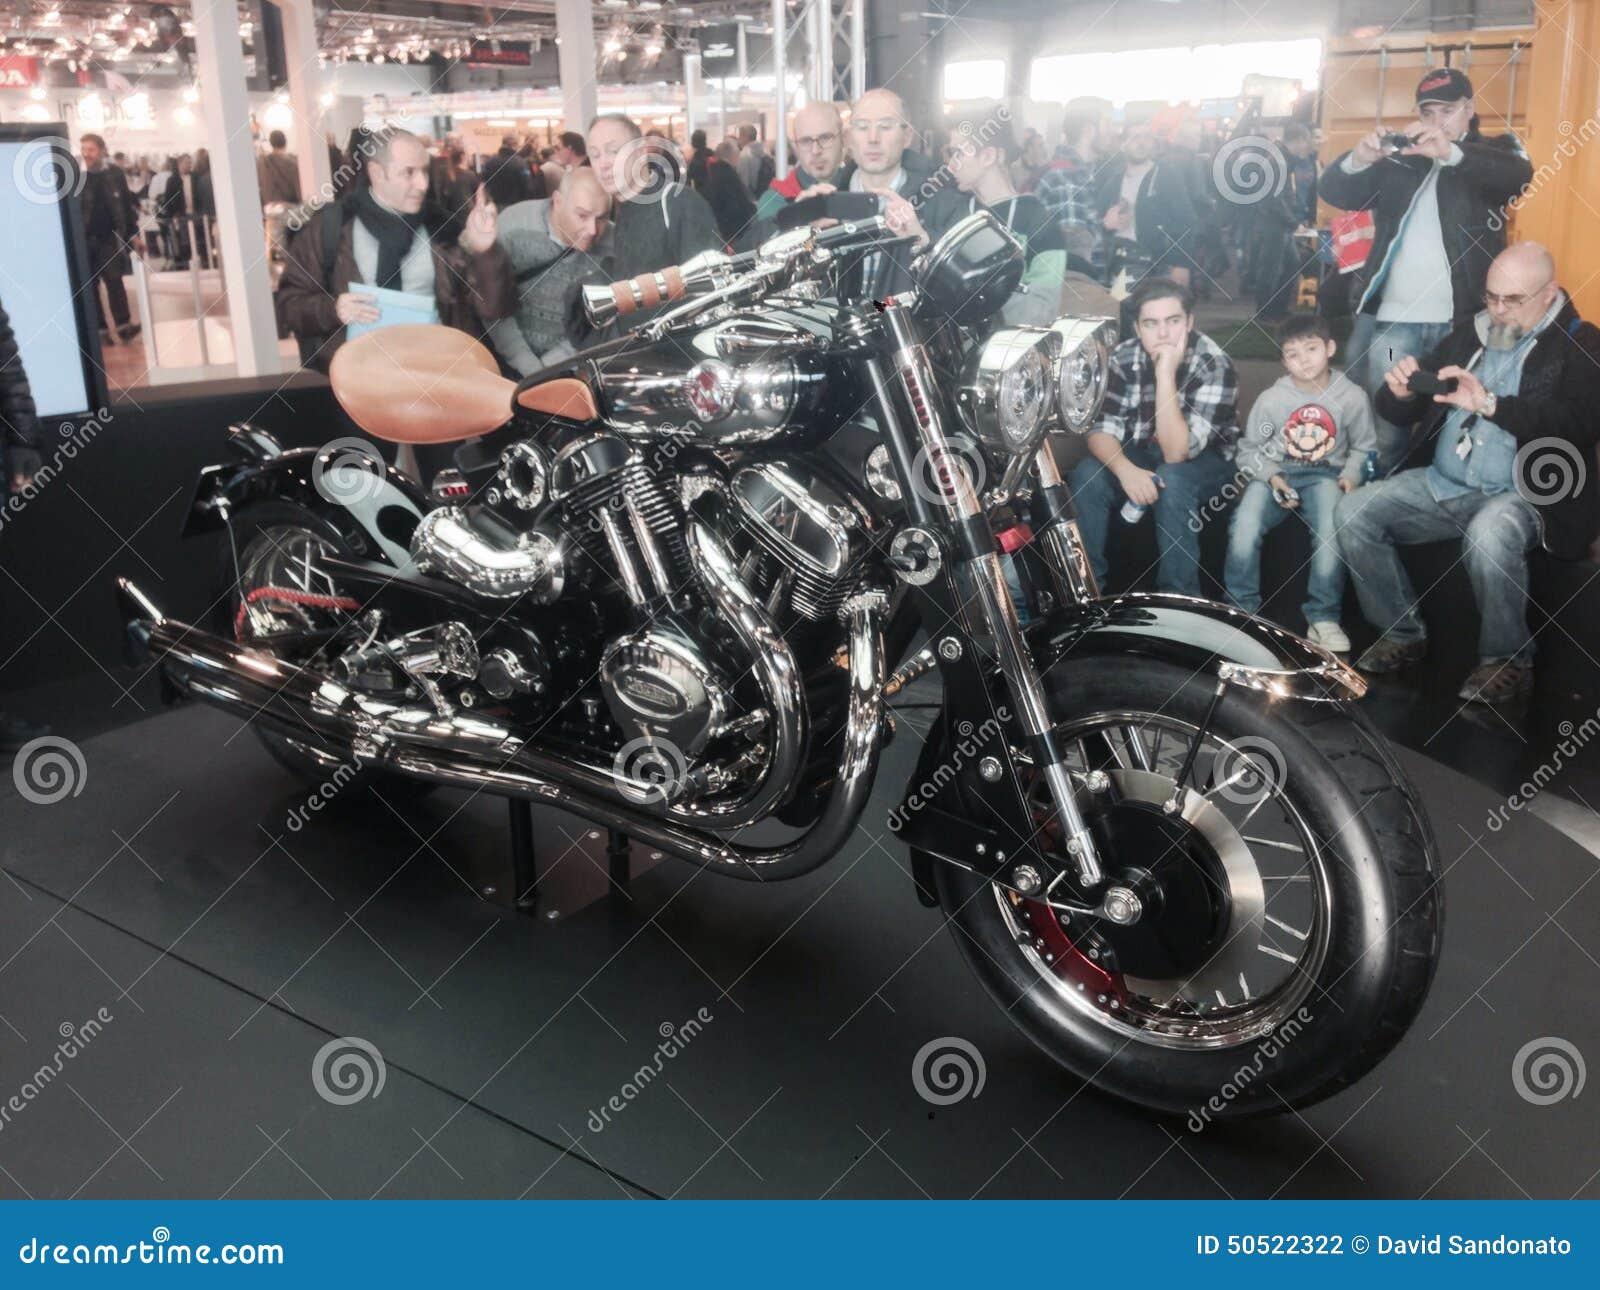 Custom Bikes Show At The 2015 VERONA MOTOR BIKE EXPO Italy ...